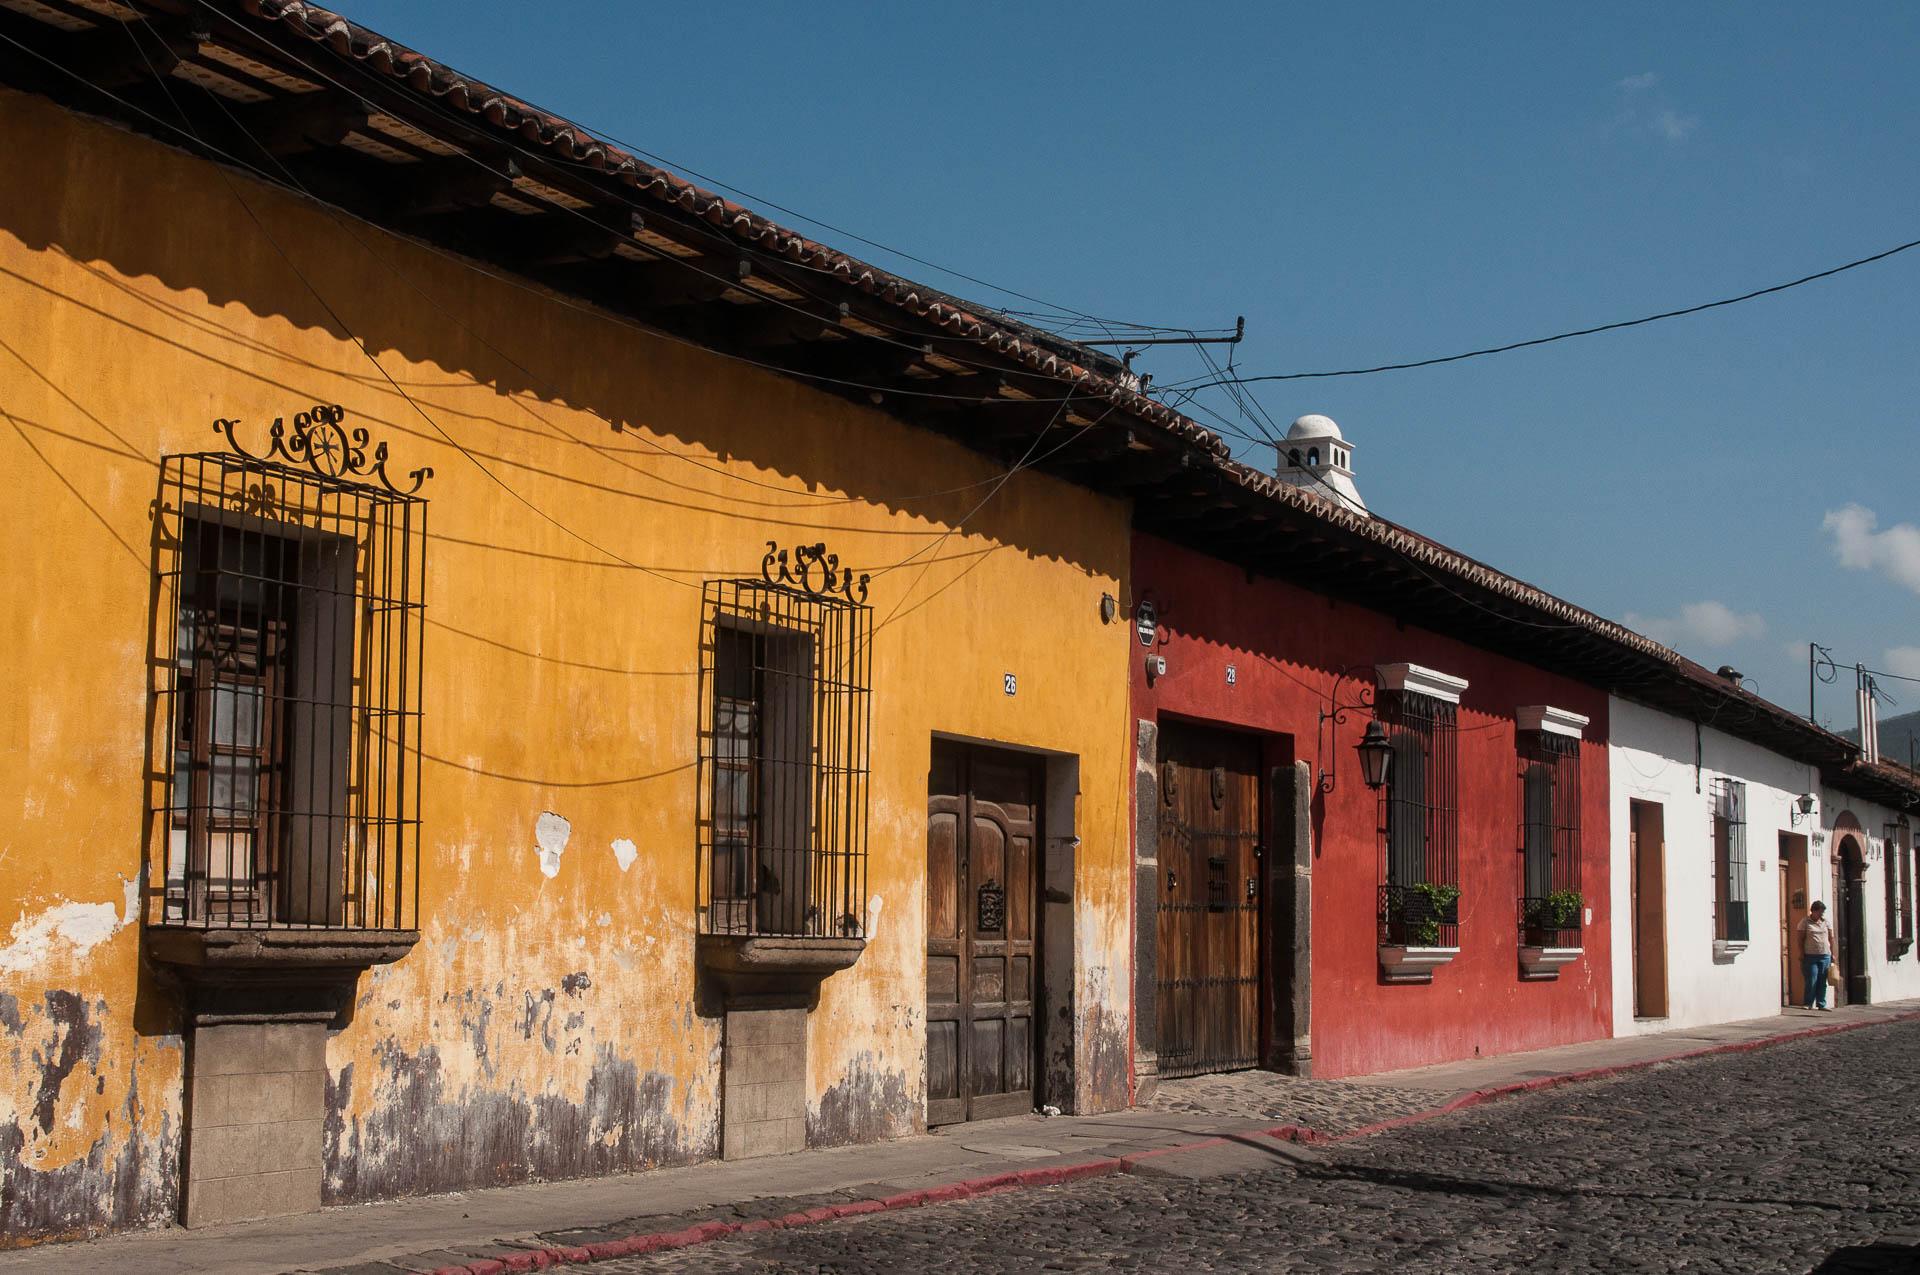 Antigua façade colorée - Les globe blogueurs - blog voyage nature